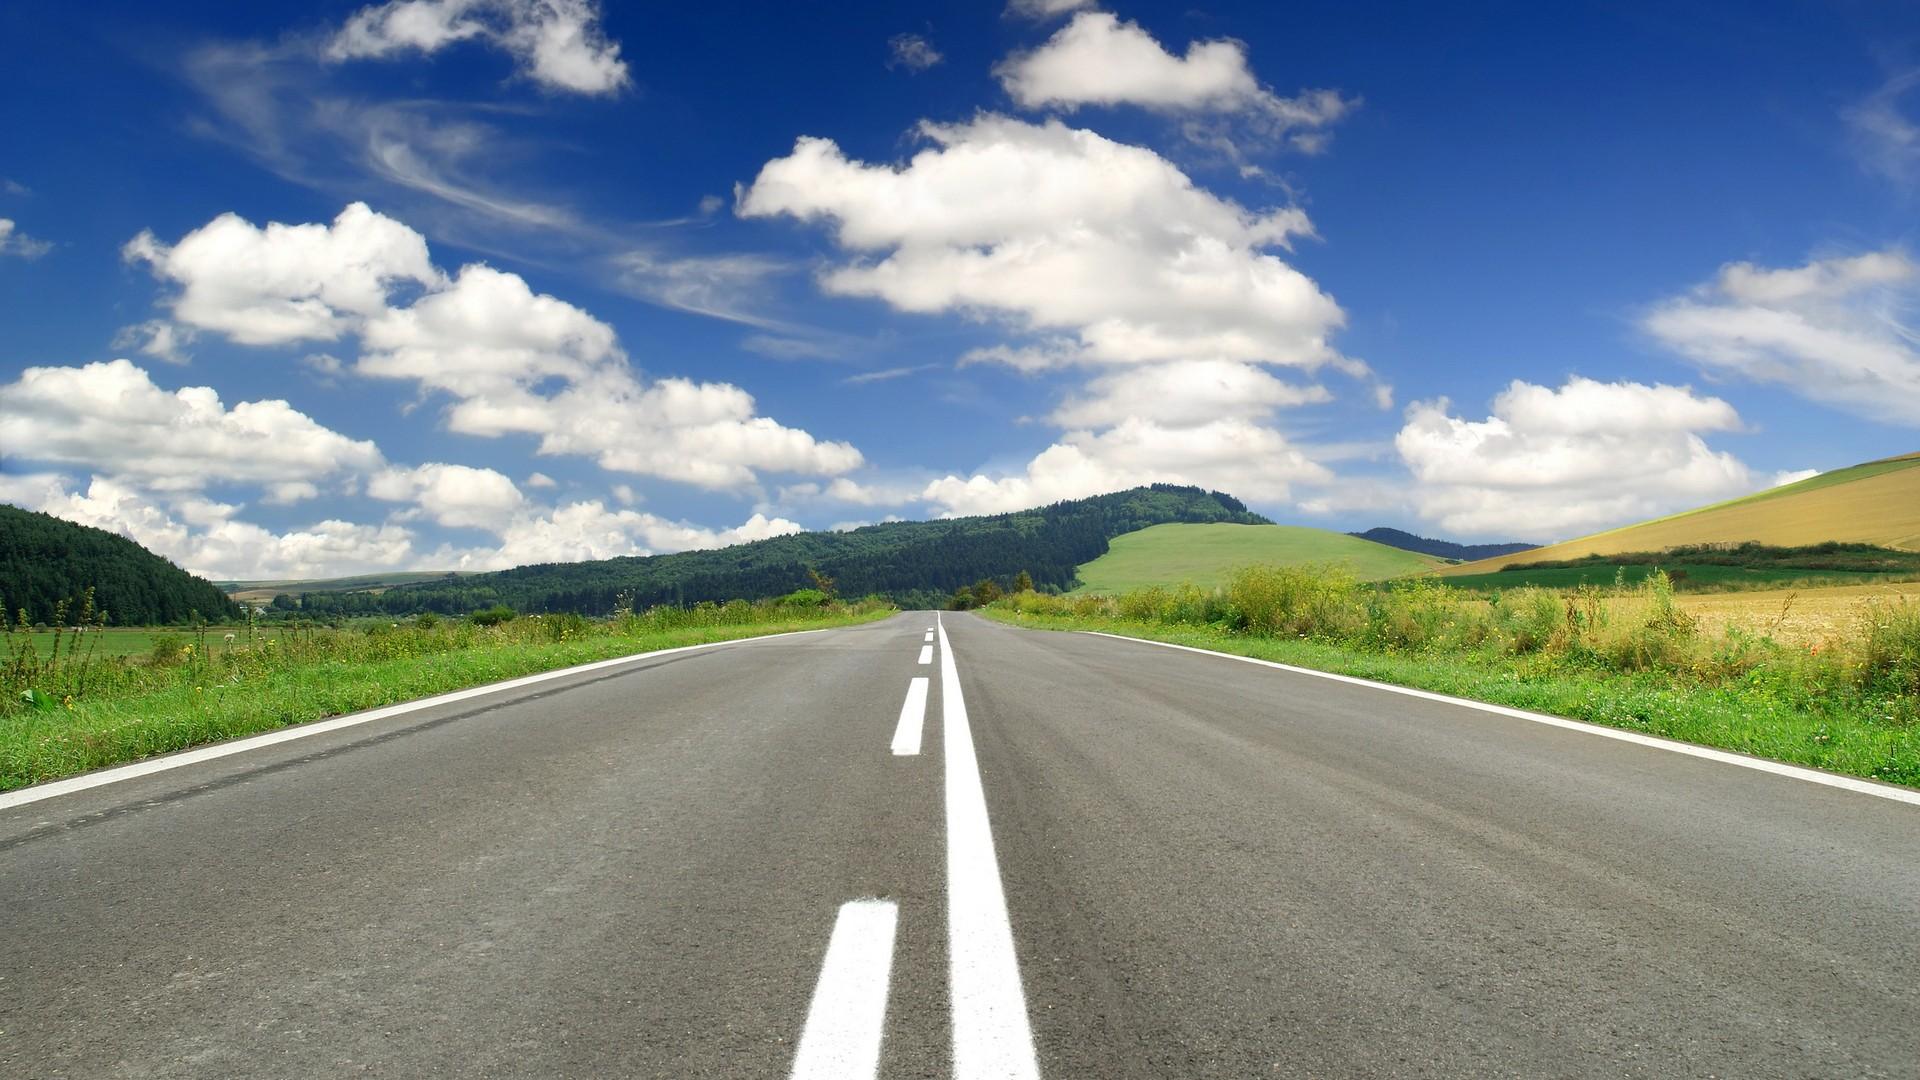 デスクトップ壁紙 風景 自然 フィールド 汚れの道 地平線 山道